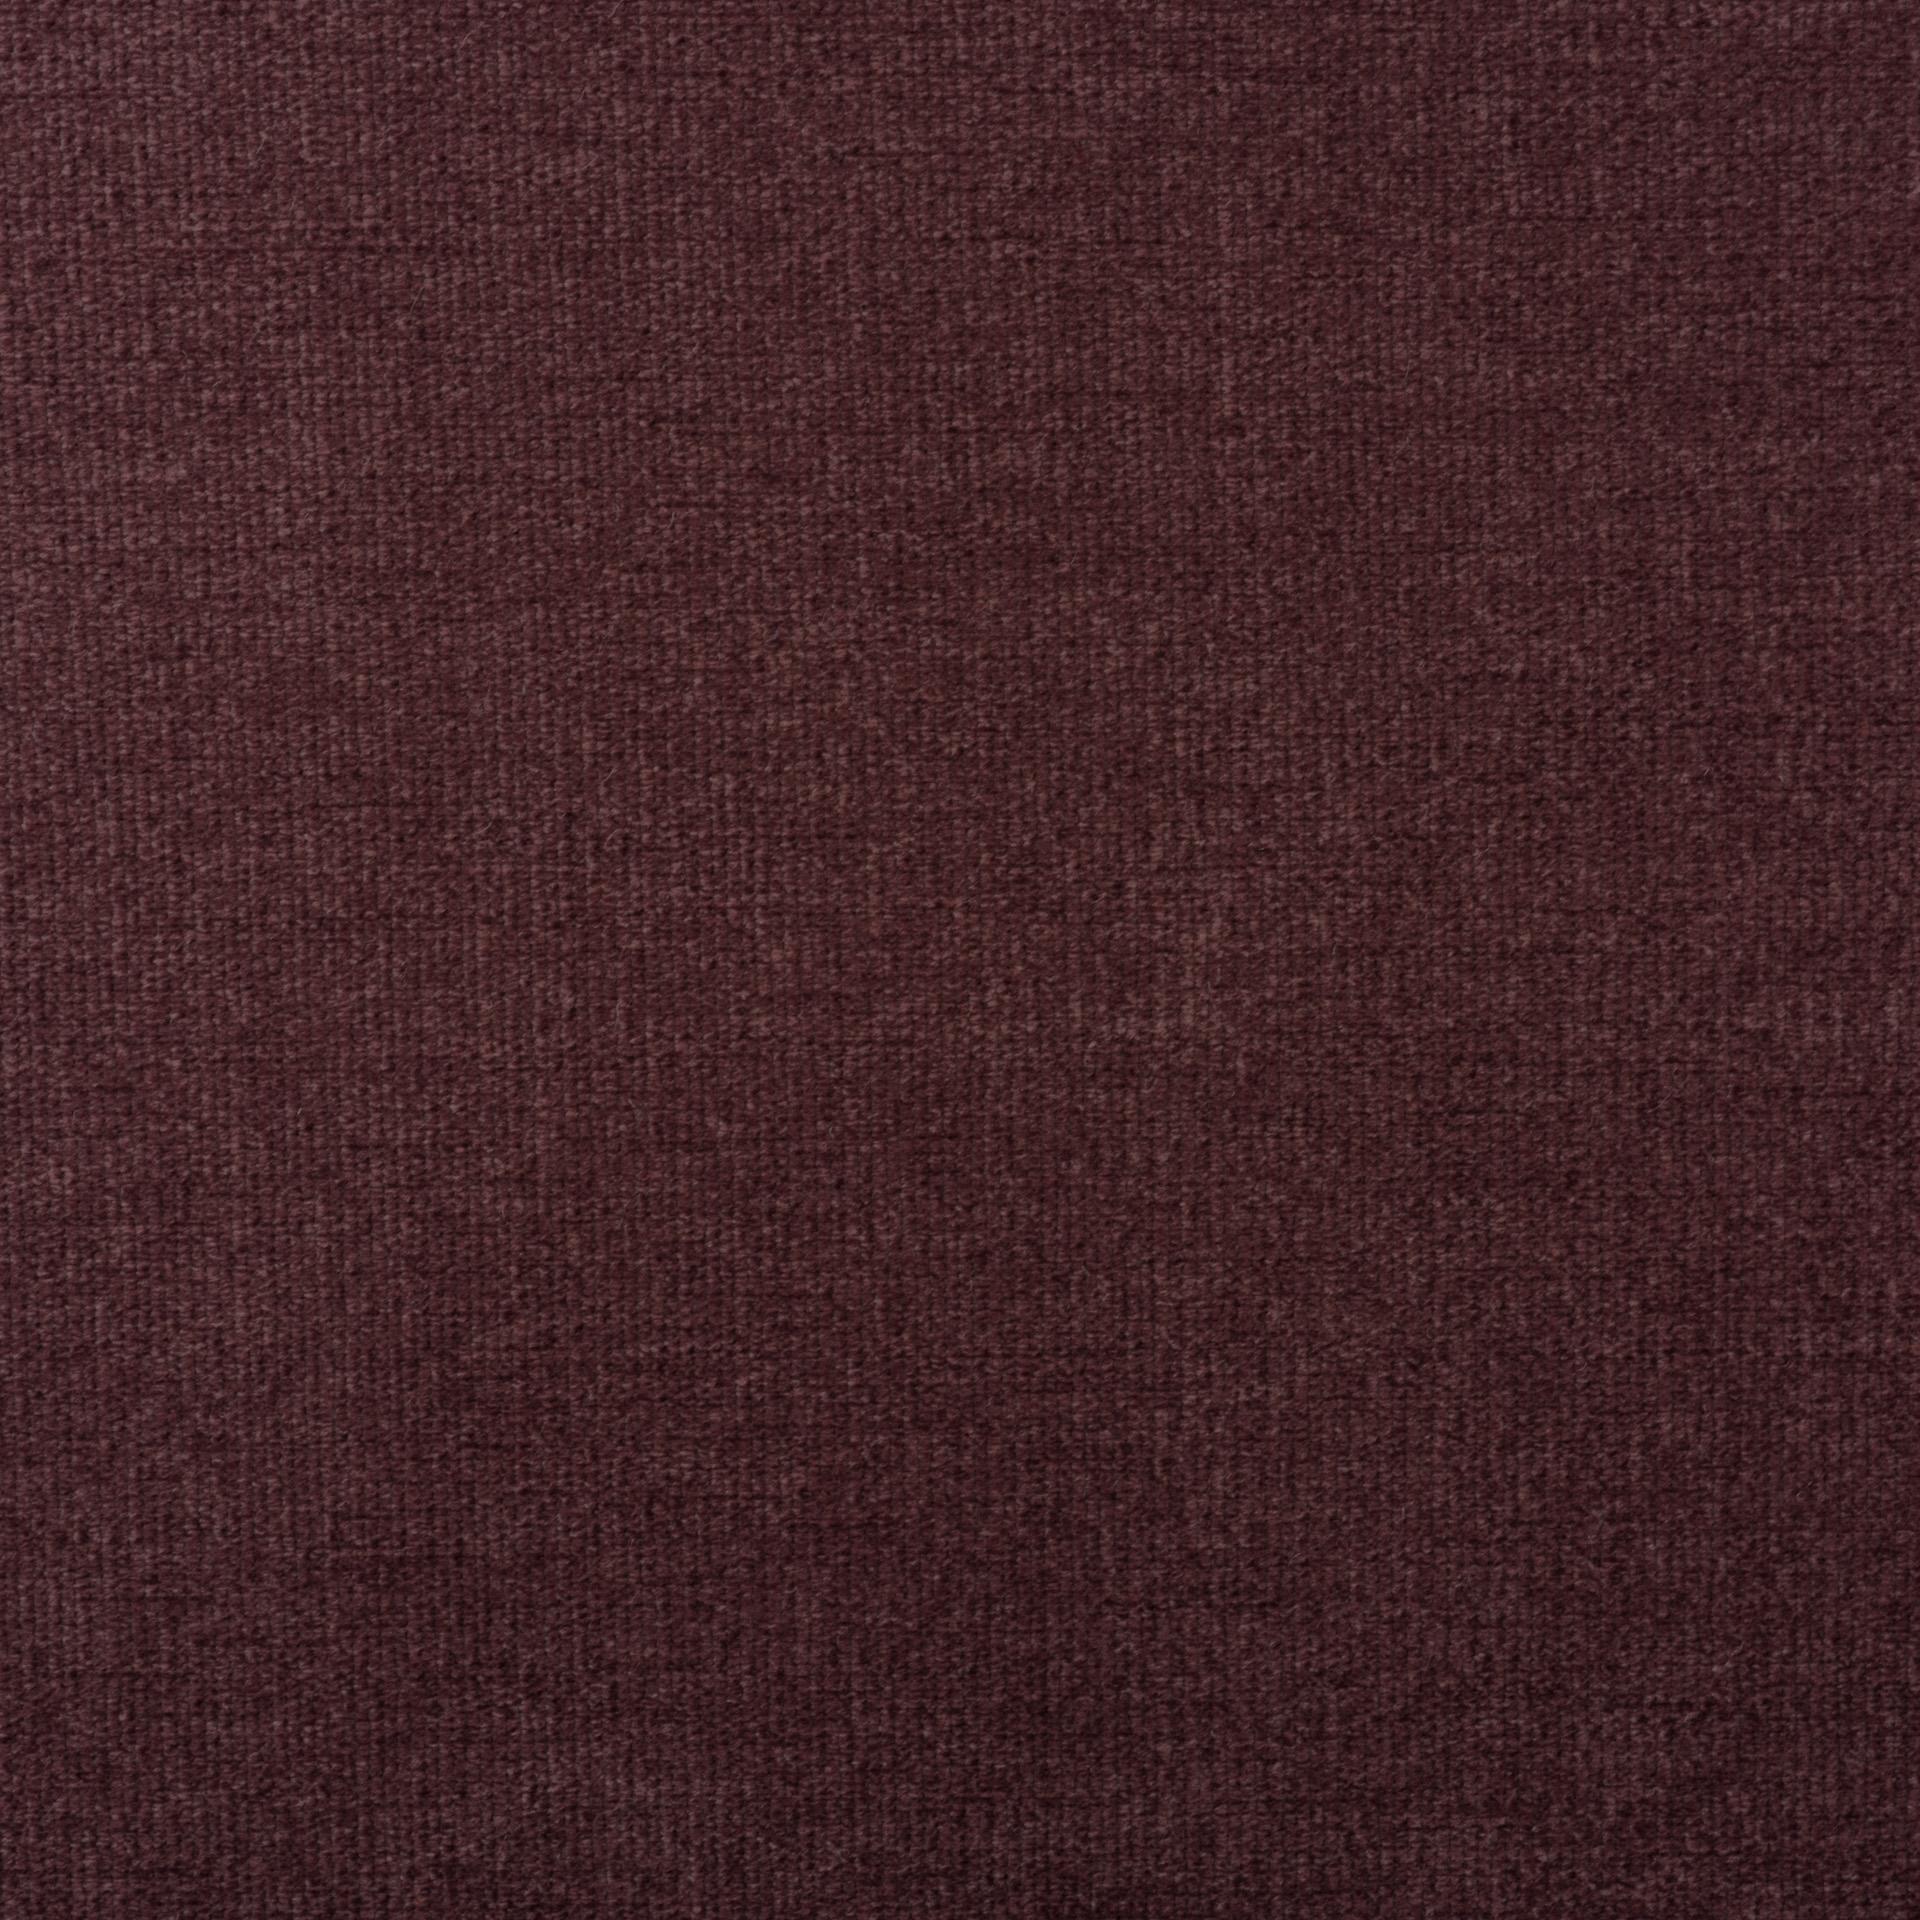 Коллекция ткани Кордрой 202,  купить ткань Велюр для мебели Украина